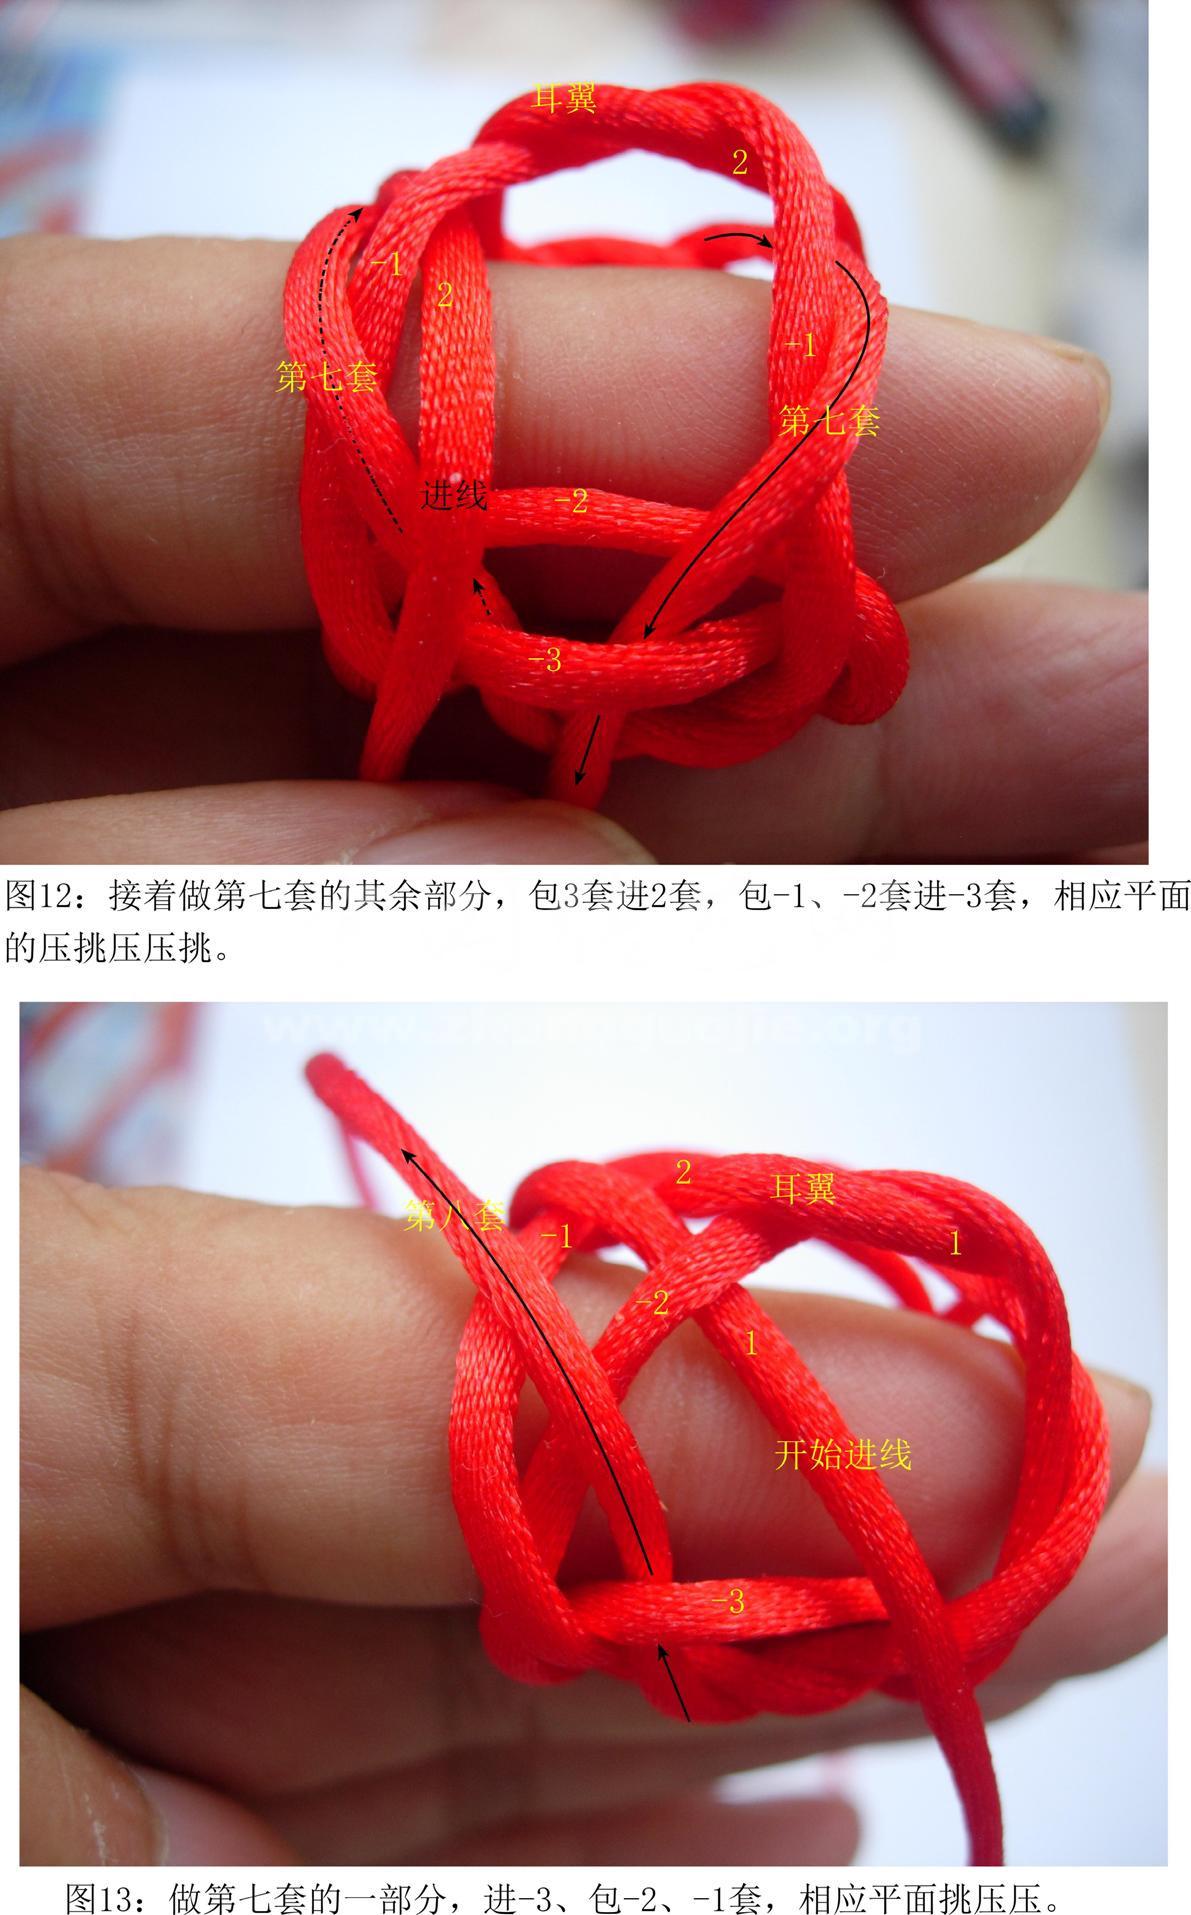 中国结论坛 8套1-2星辰结徒手编结过程  丑丑徒手编结 123514y83v5tm650sz22p6